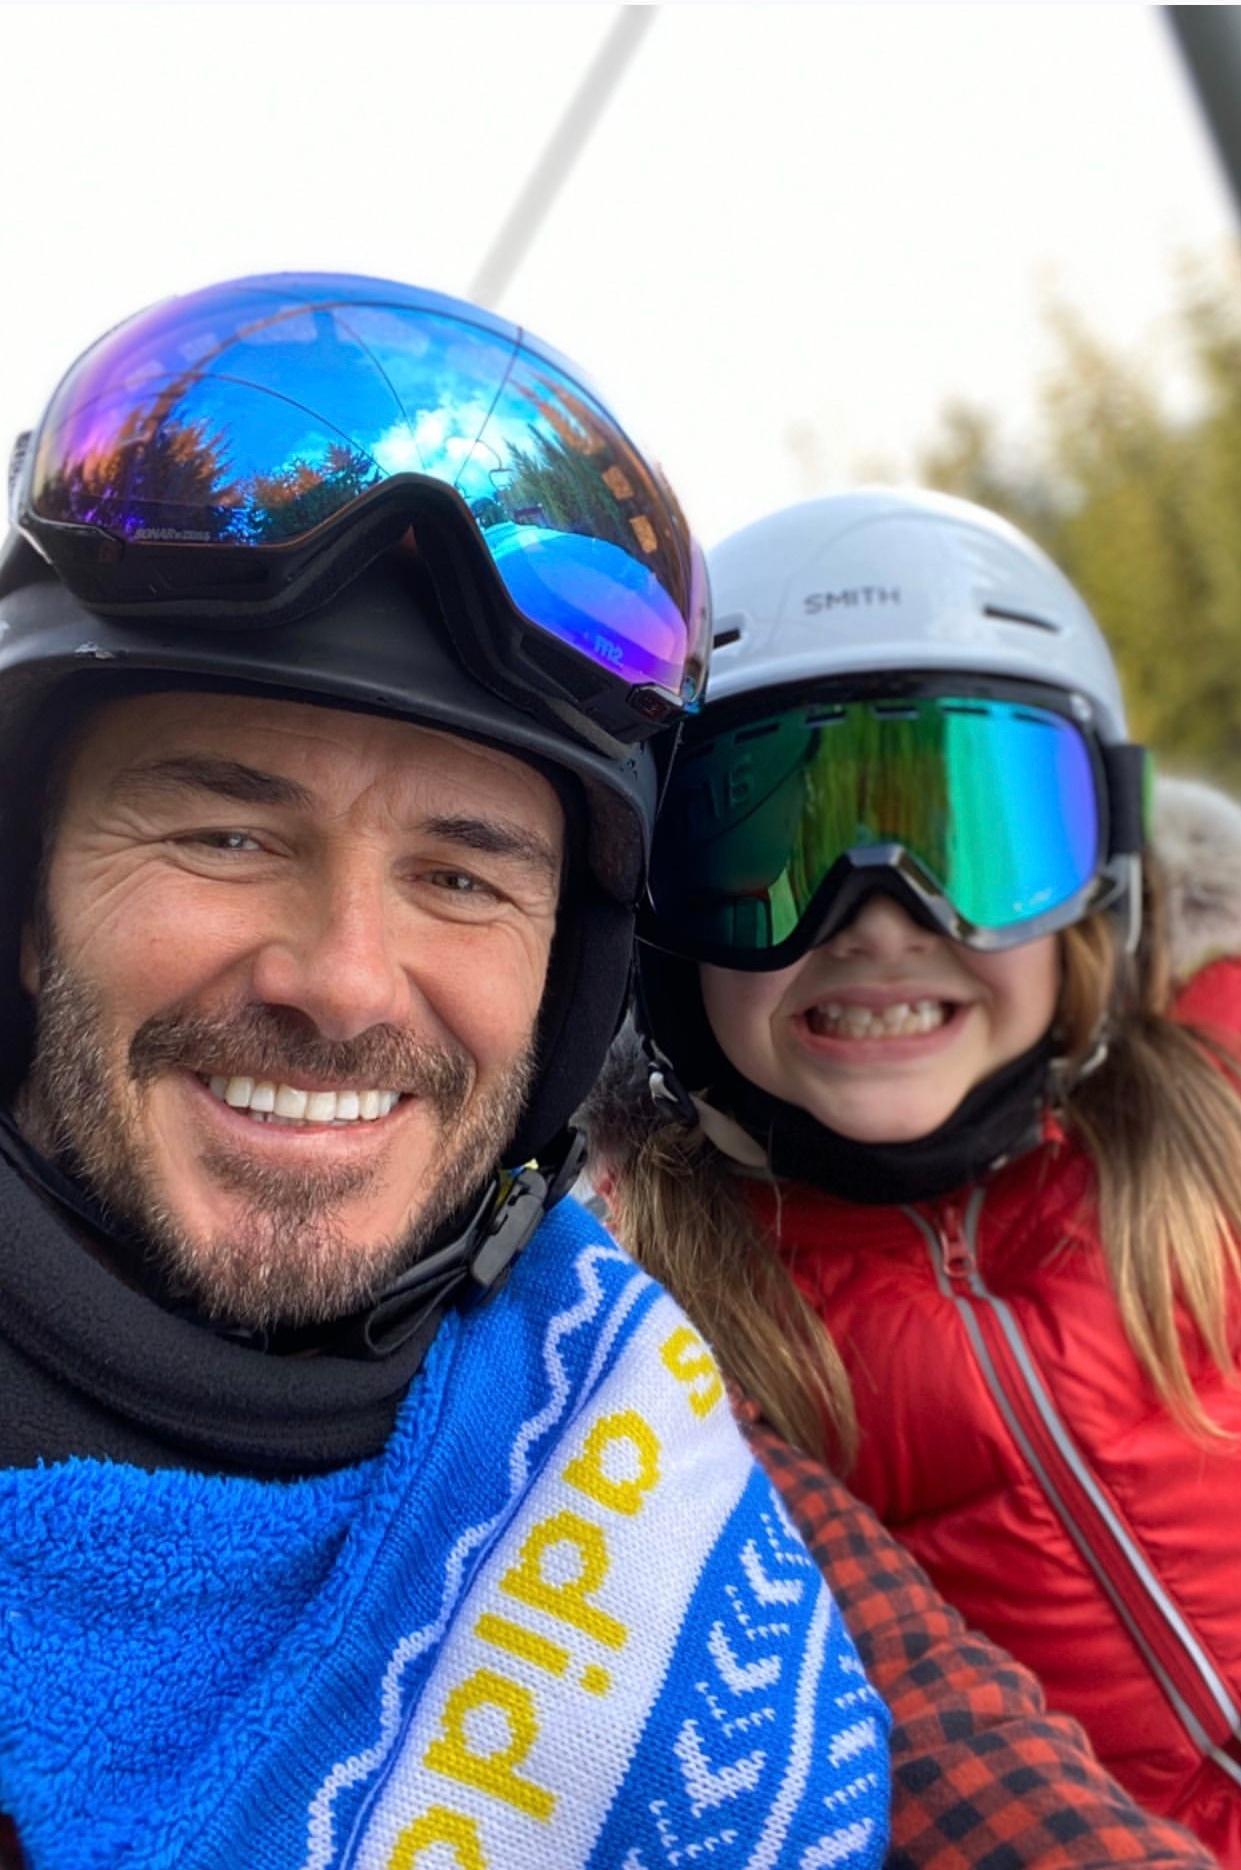 贝克汉姆一家在惠斯勒滑雪 有钱又有闲